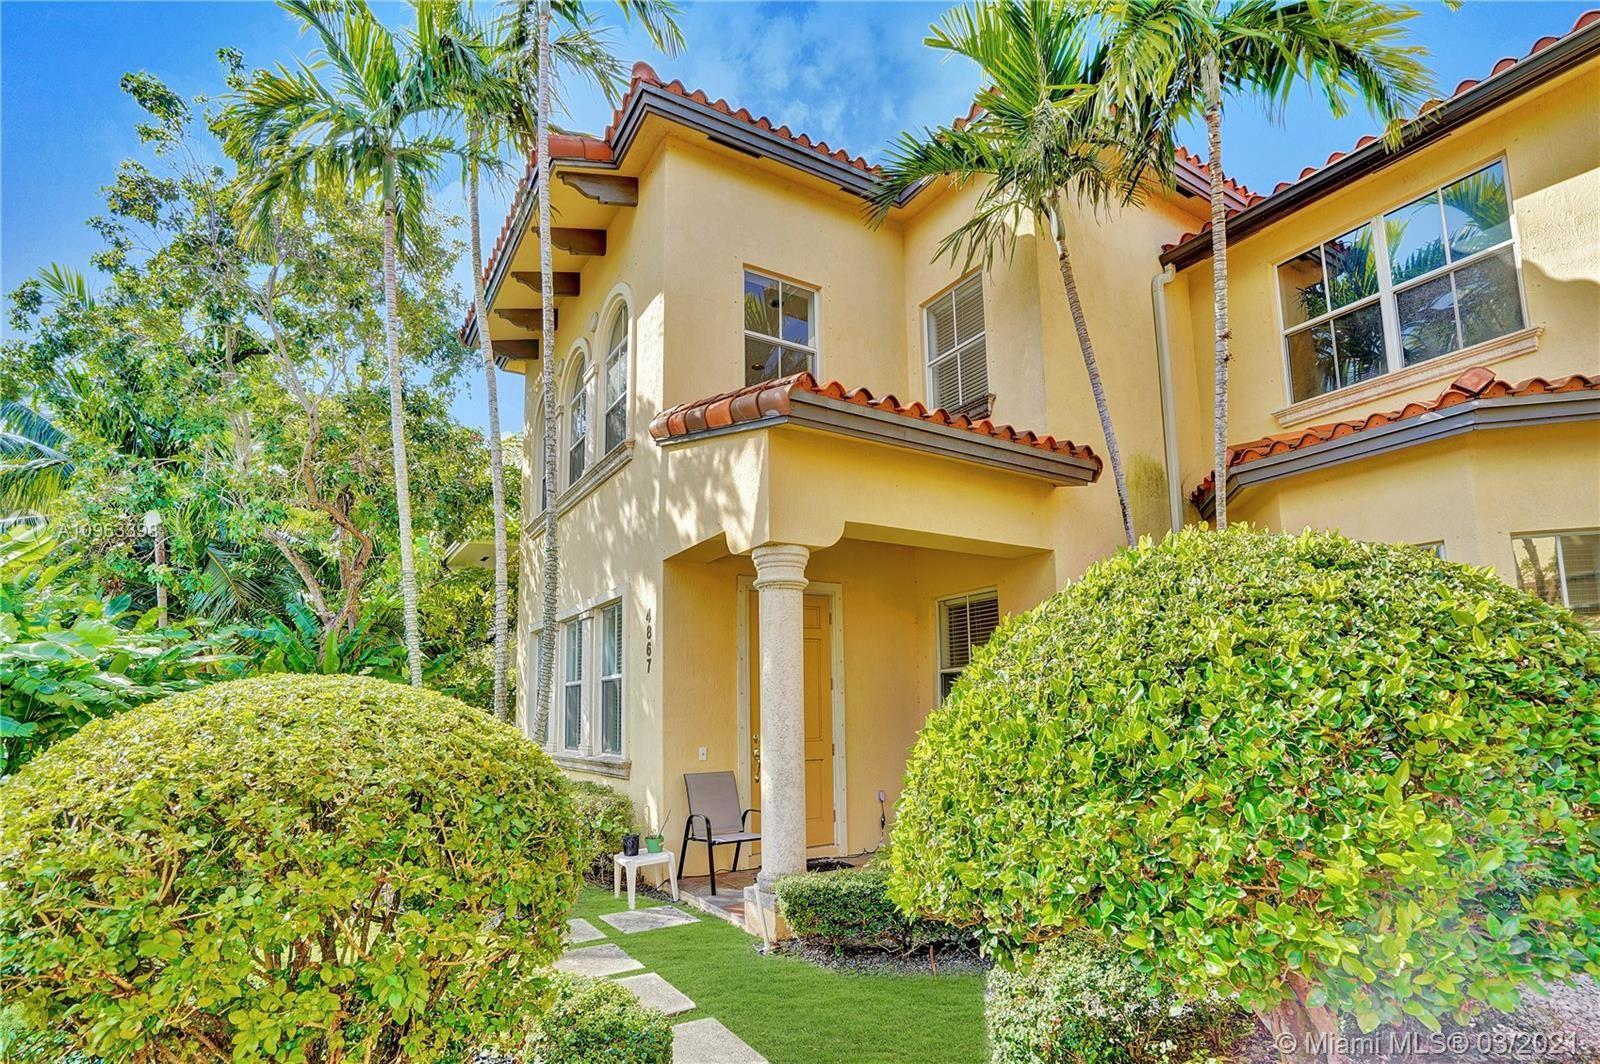 4867 Ponce De Leon Blvd #A, Coral Gables, FL 33146 - #: A10963398